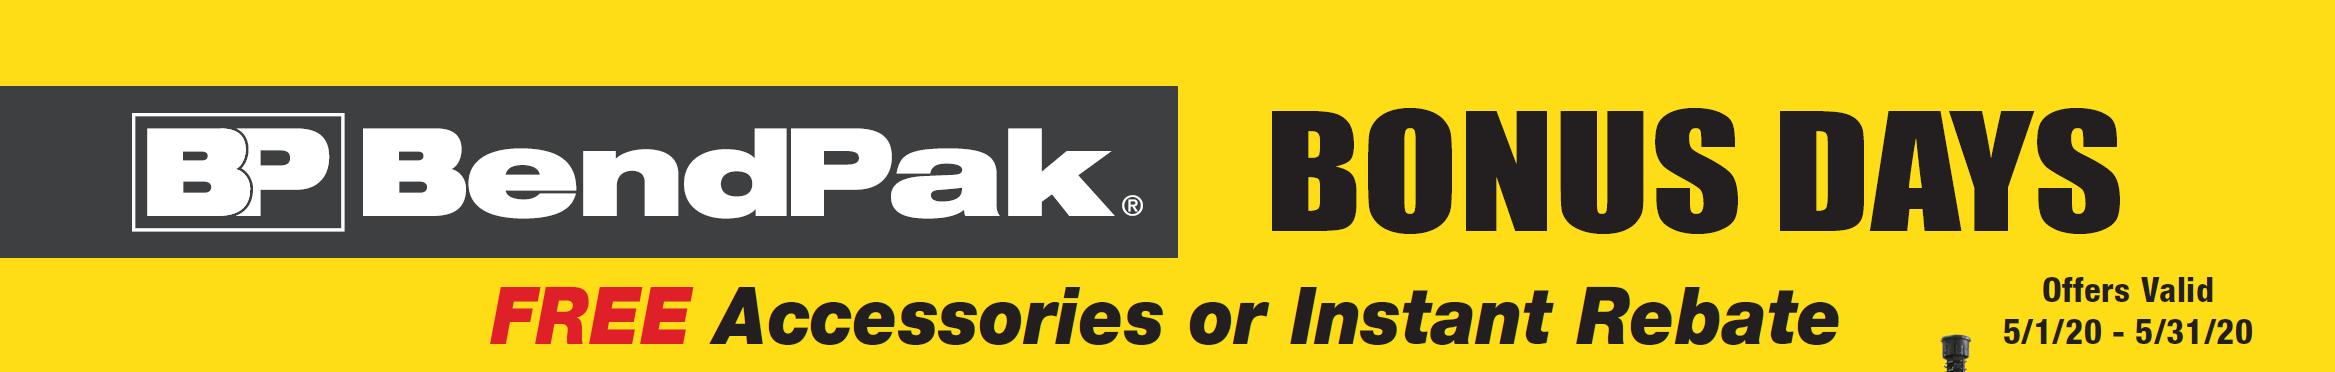 bendpak-bonus-days.png